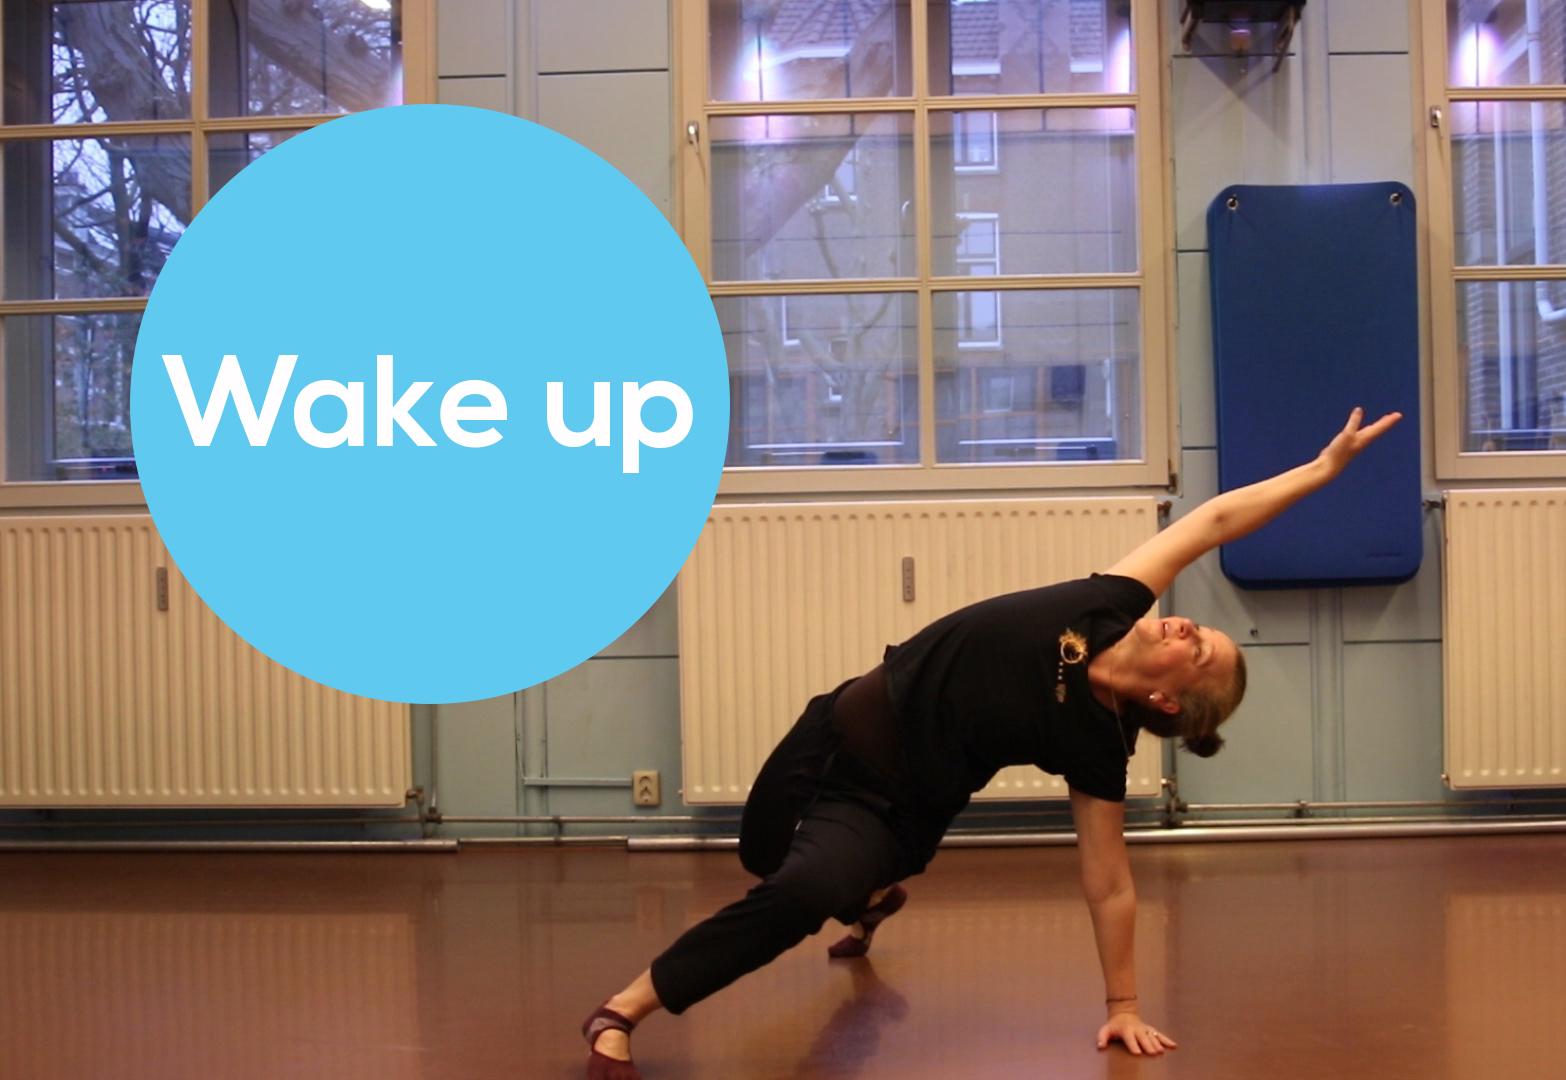 Wake up promo